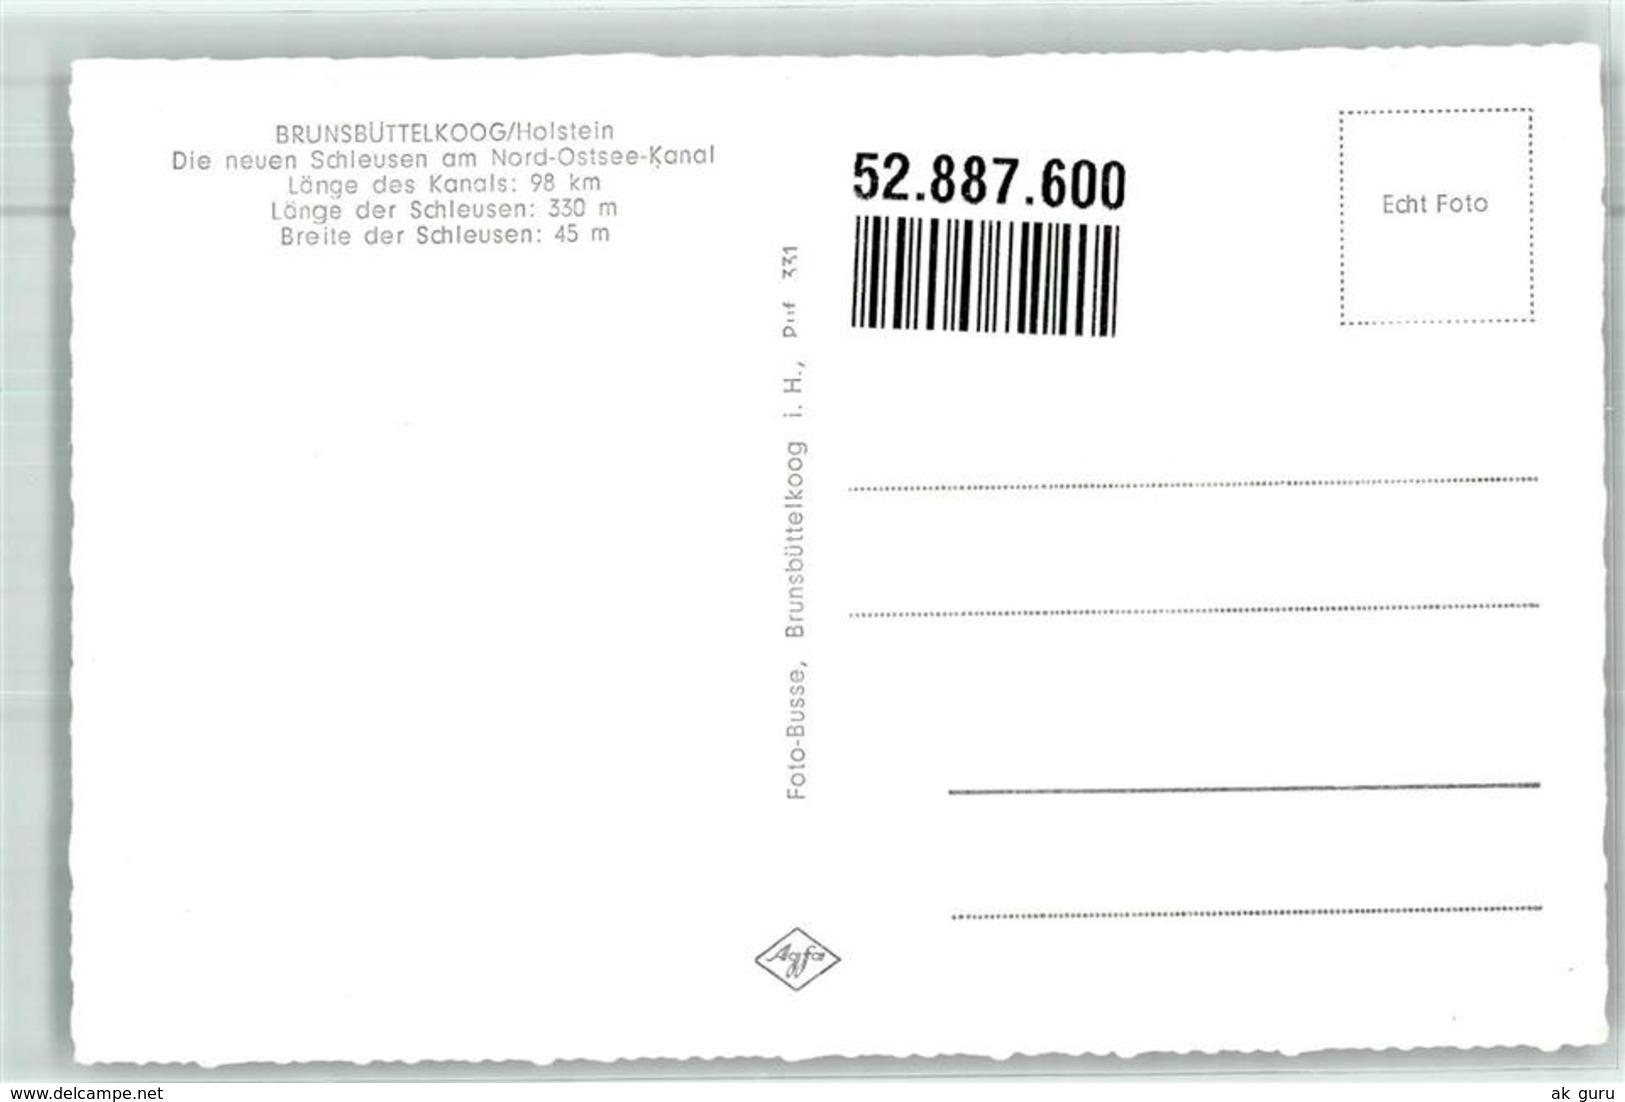 52887600 - Brunsbuettelkoog - Brunsbuettel